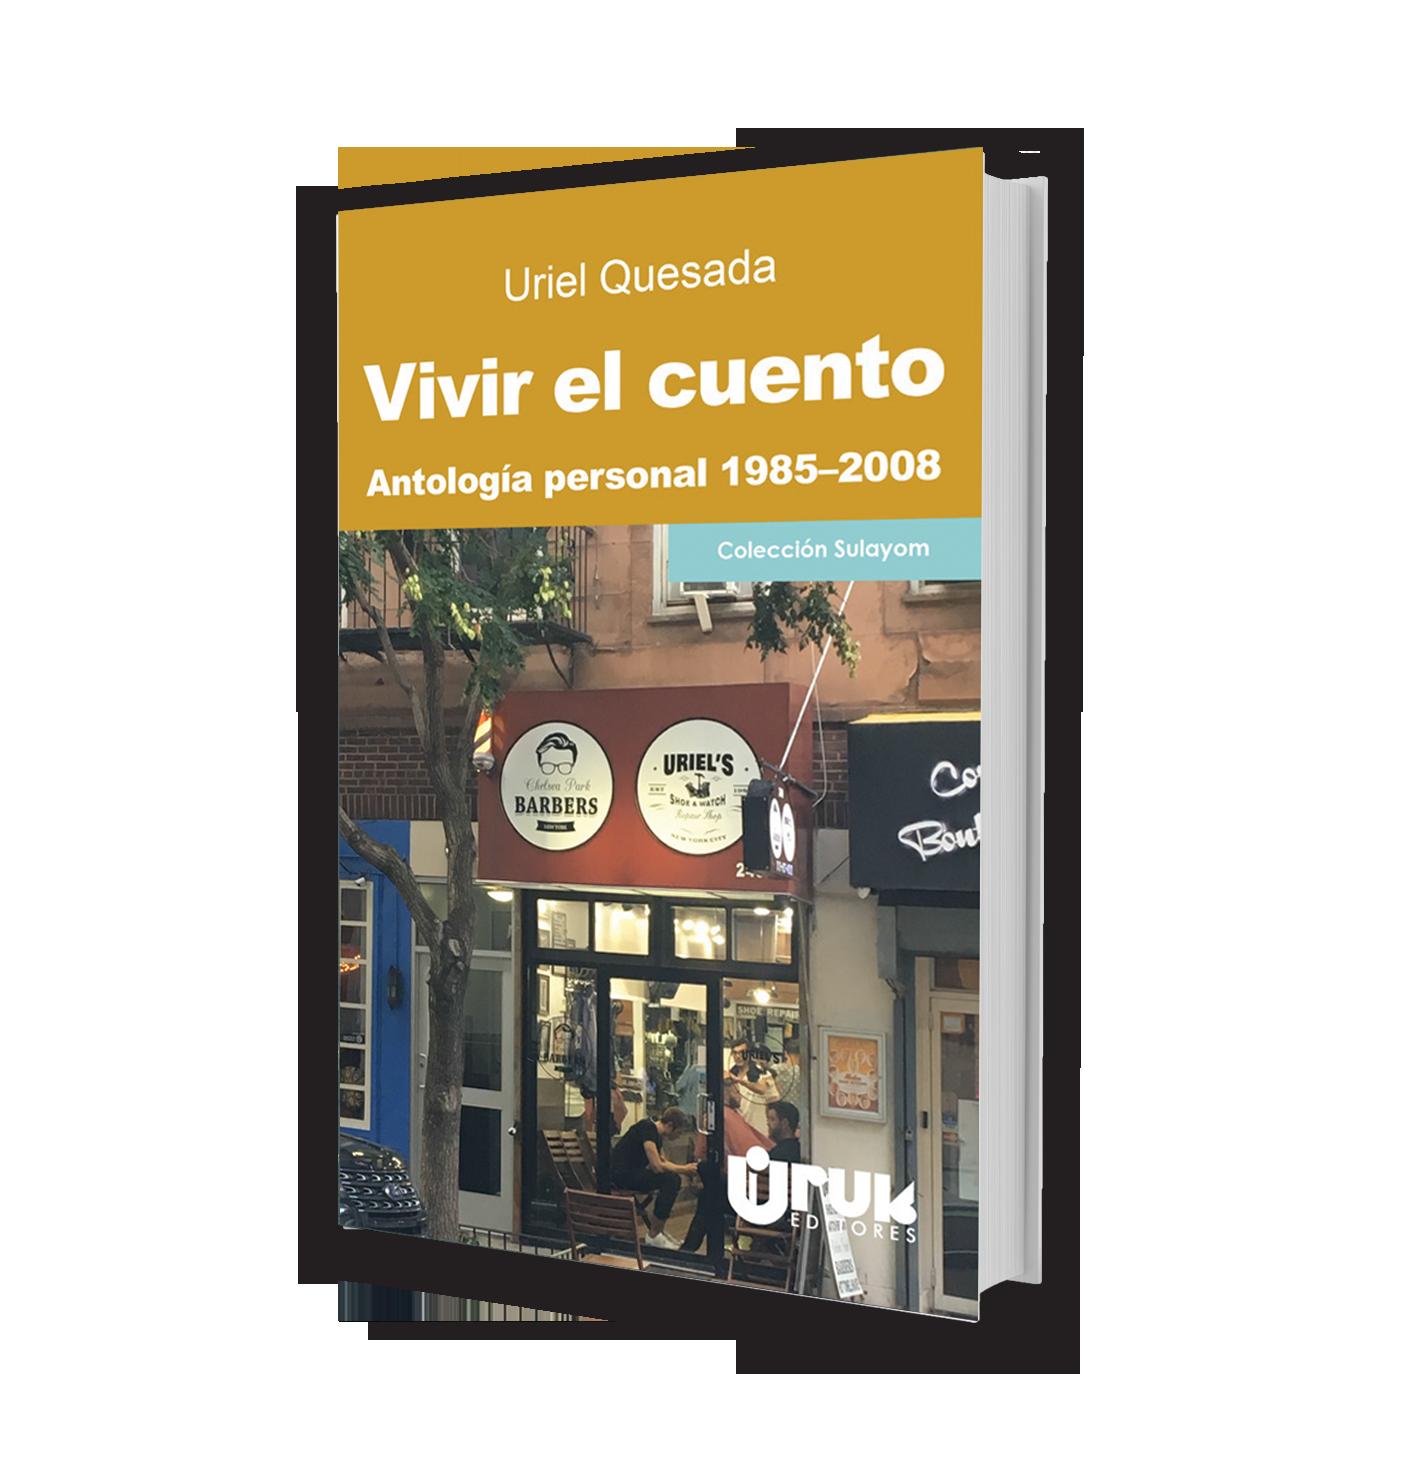 Vivir el cuento. Antología personal 1985-2008